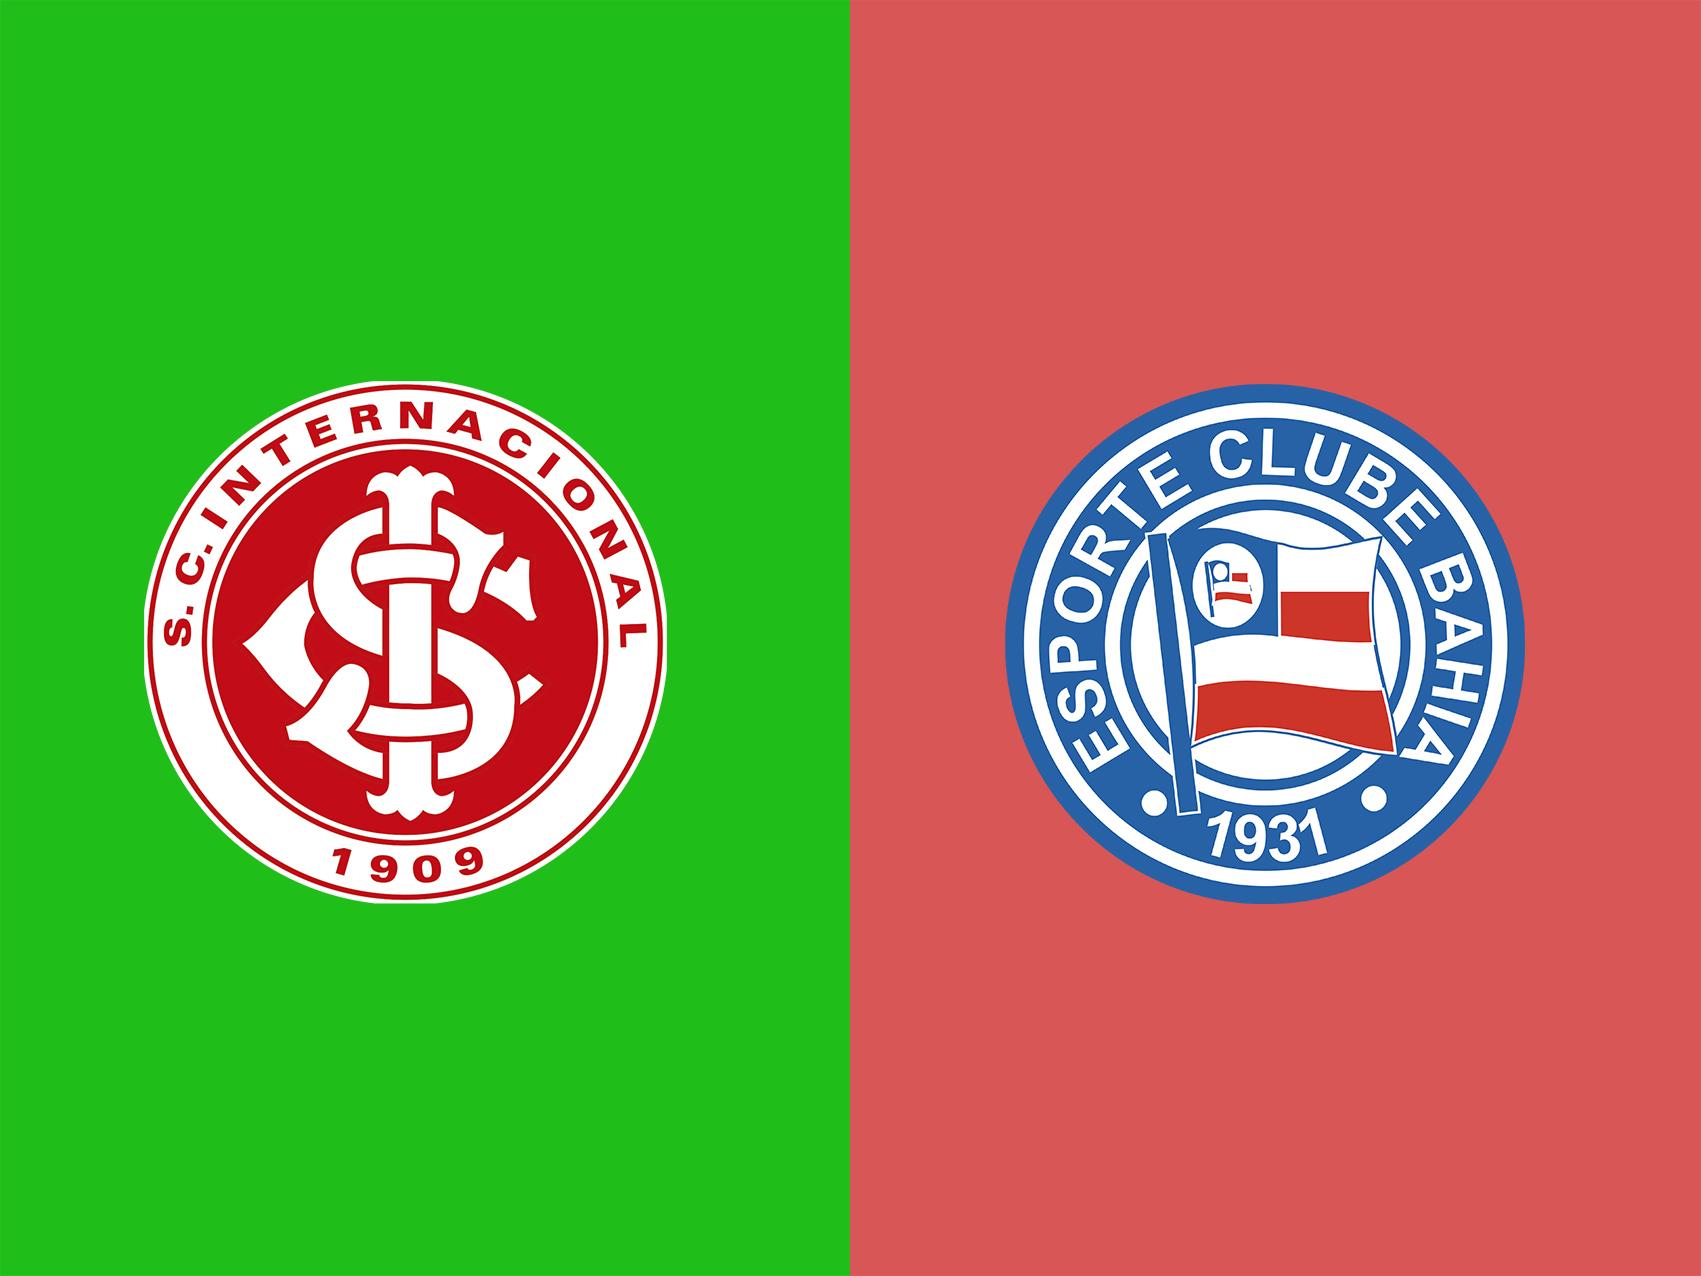 internacional-vs-bahia-soi-keo-vdqg-brazil-13-06-chuyen-di-that-bat-0